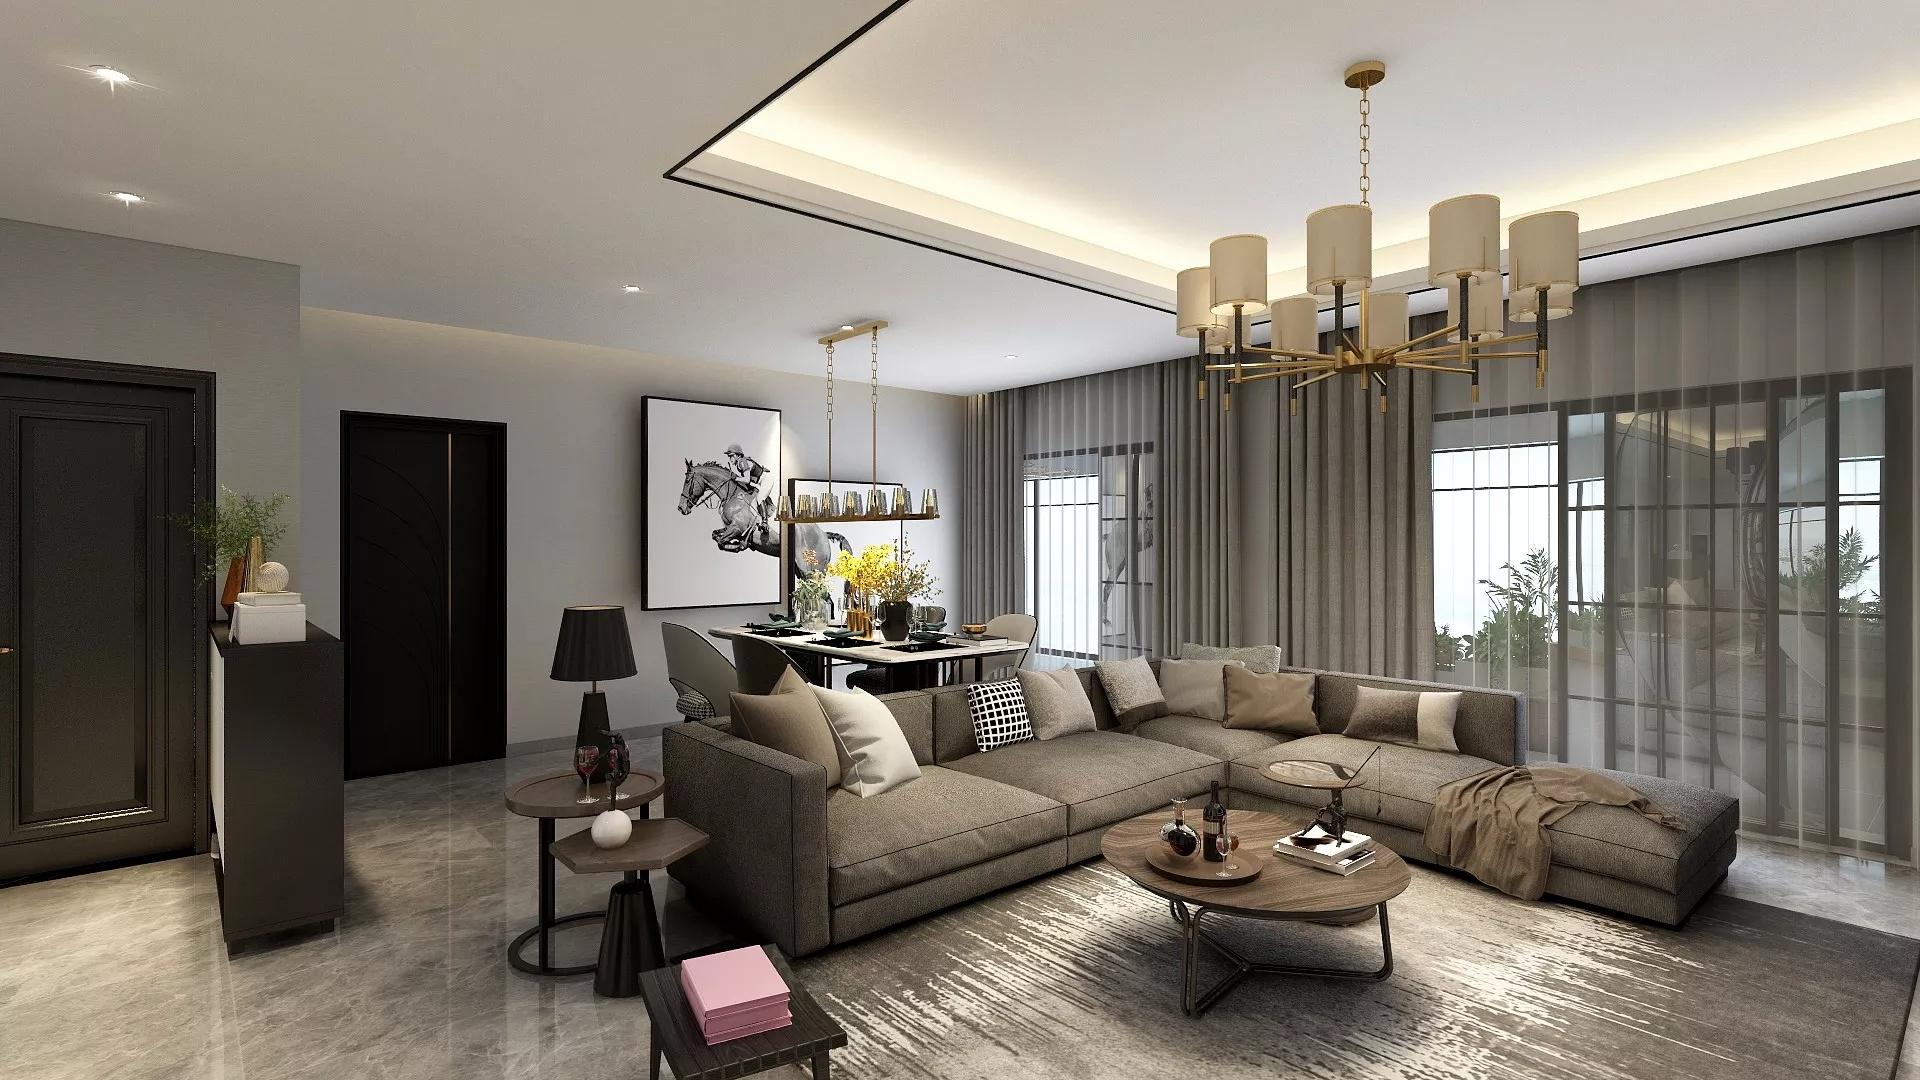 美式客厅装修需注意事项有哪些?小编为您解答